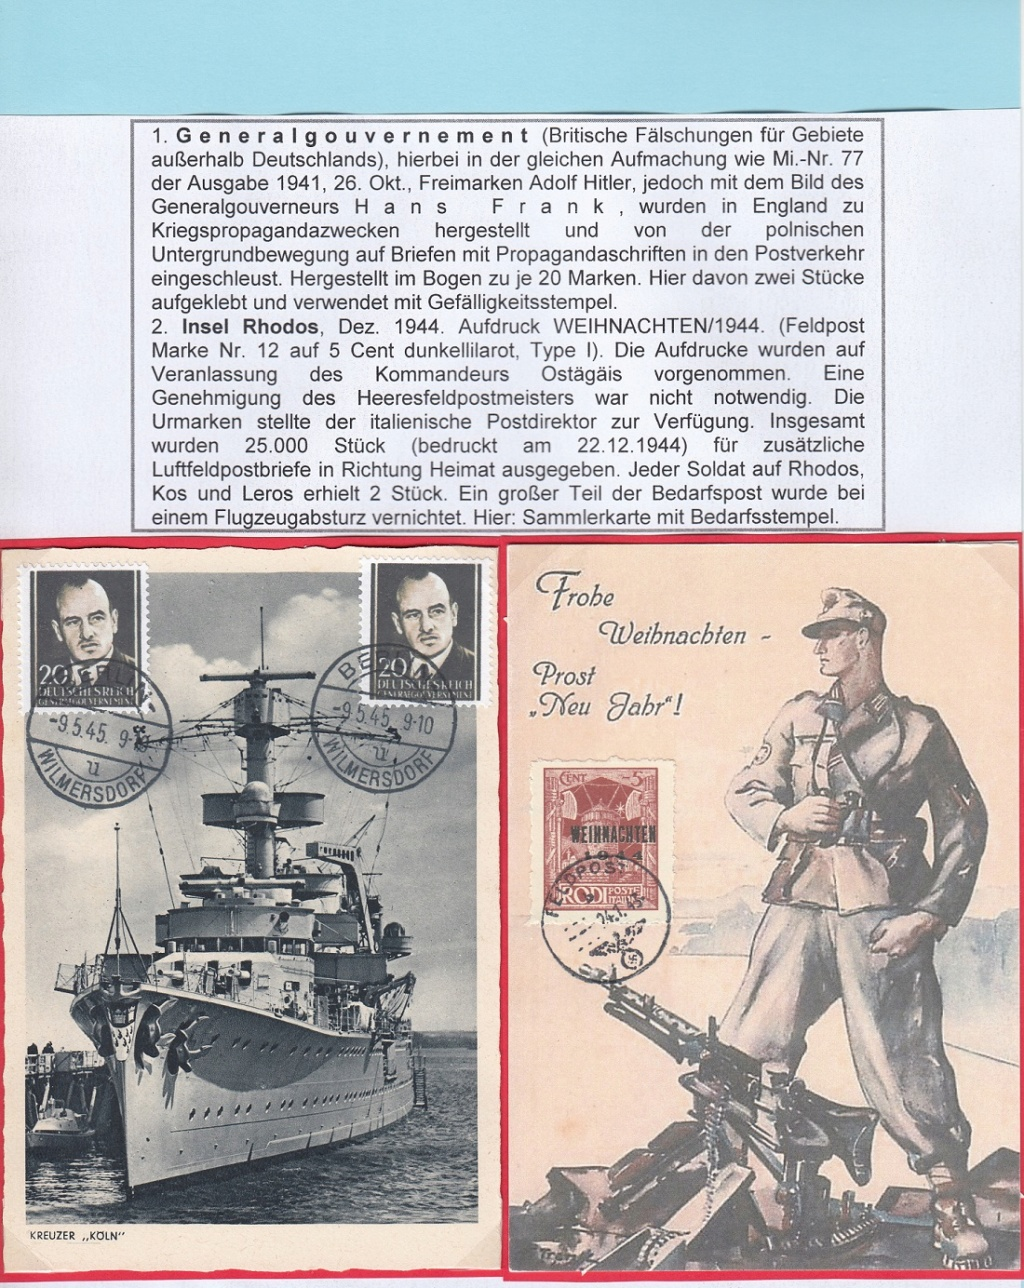 """1945 - Deutsches Reich von 1933 bis 1945 """"in einer ausgesuchten Perspektive"""" - Seite 2 Dr-5610"""